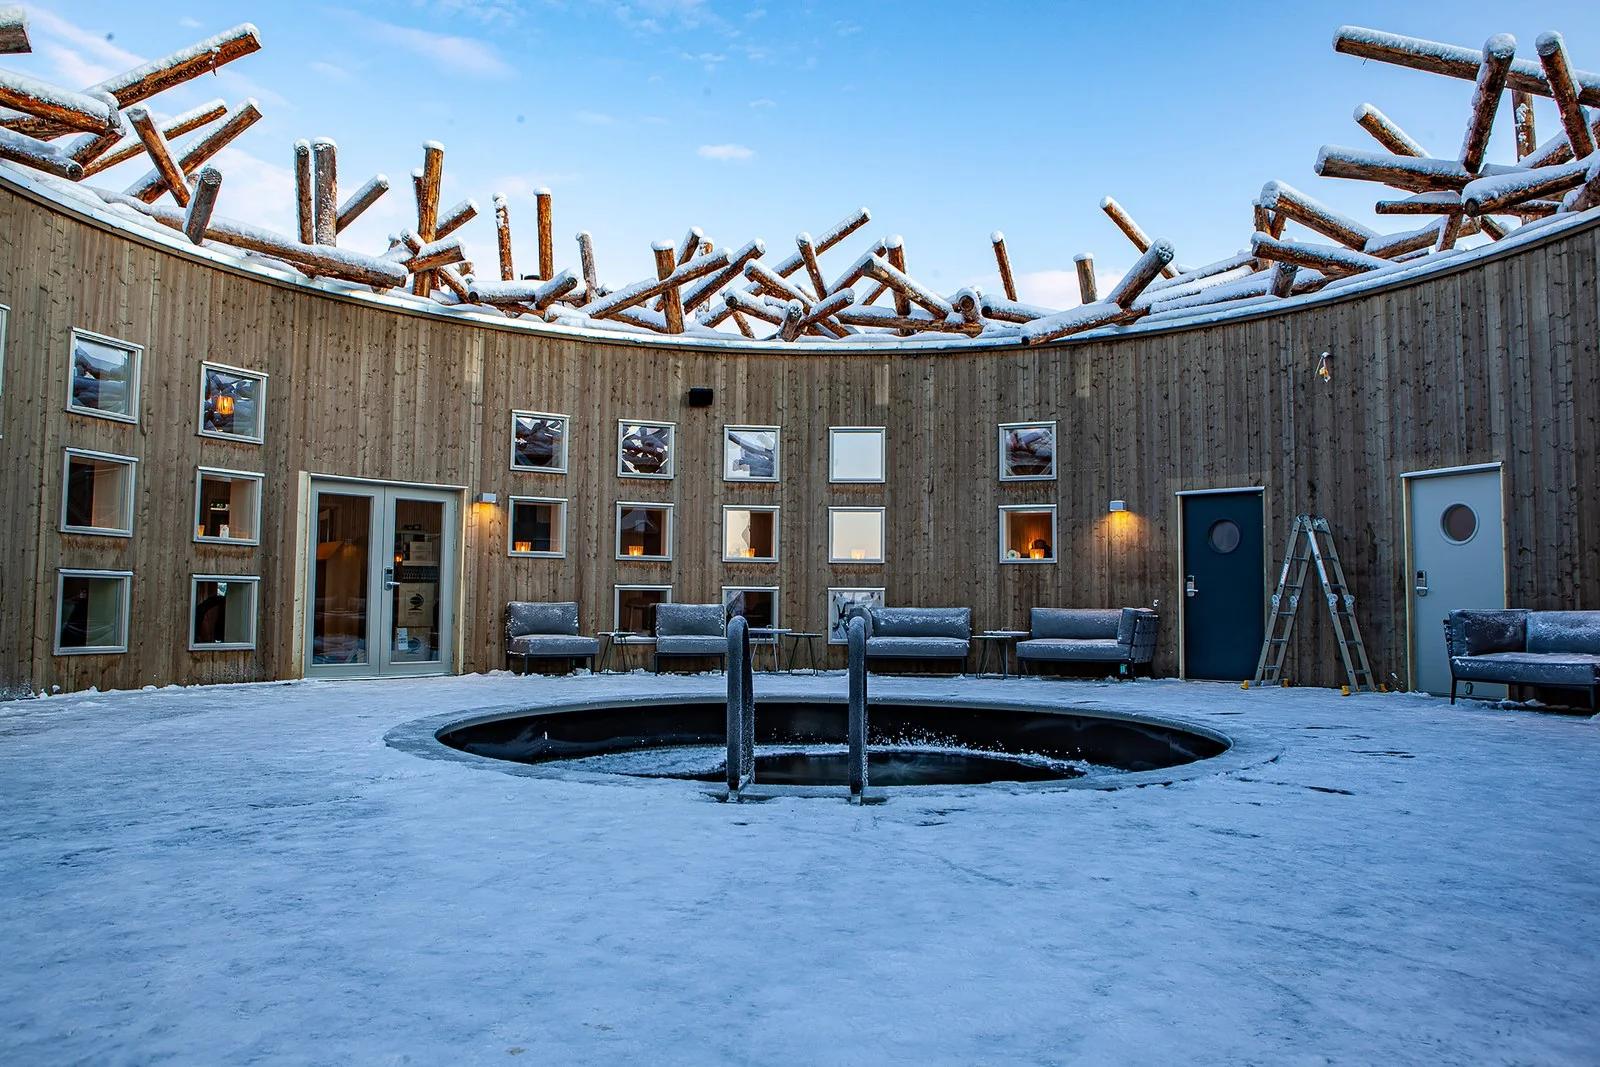 El-Primer-hotel-flotante-Arctic-bath-suecia-